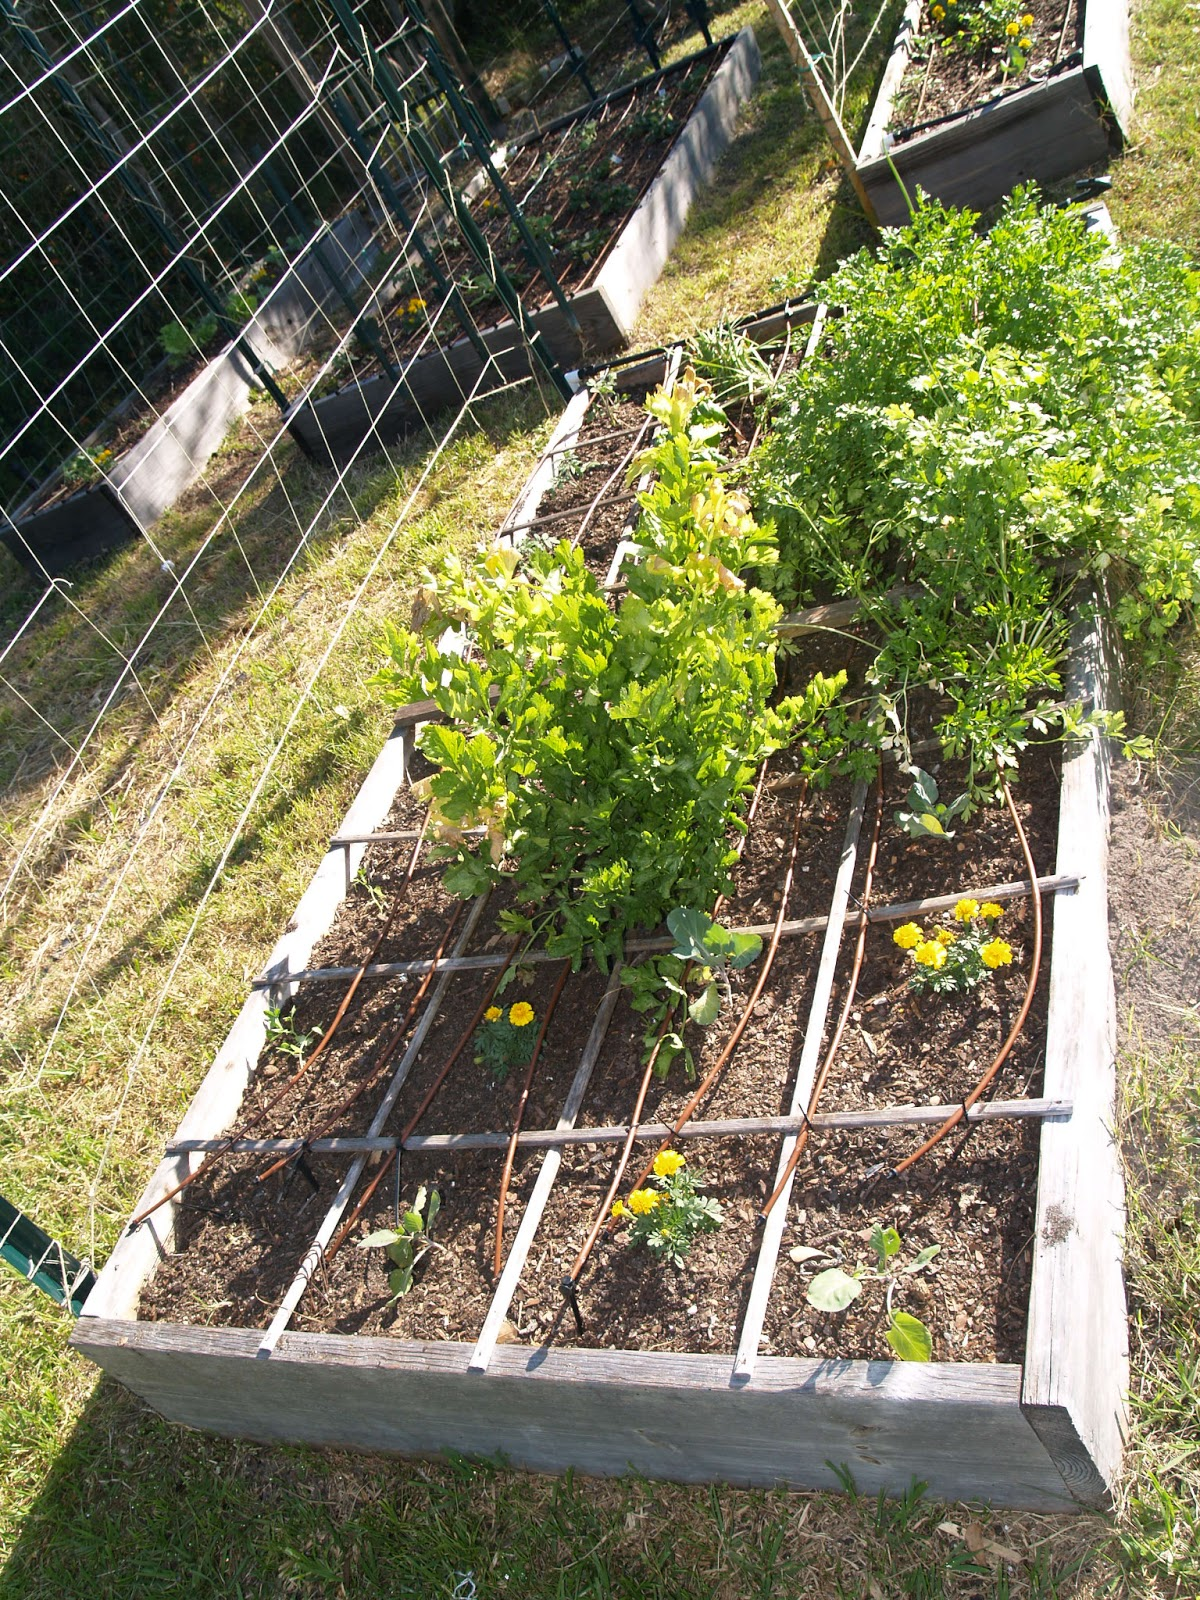 gardening in winter garden march 2013